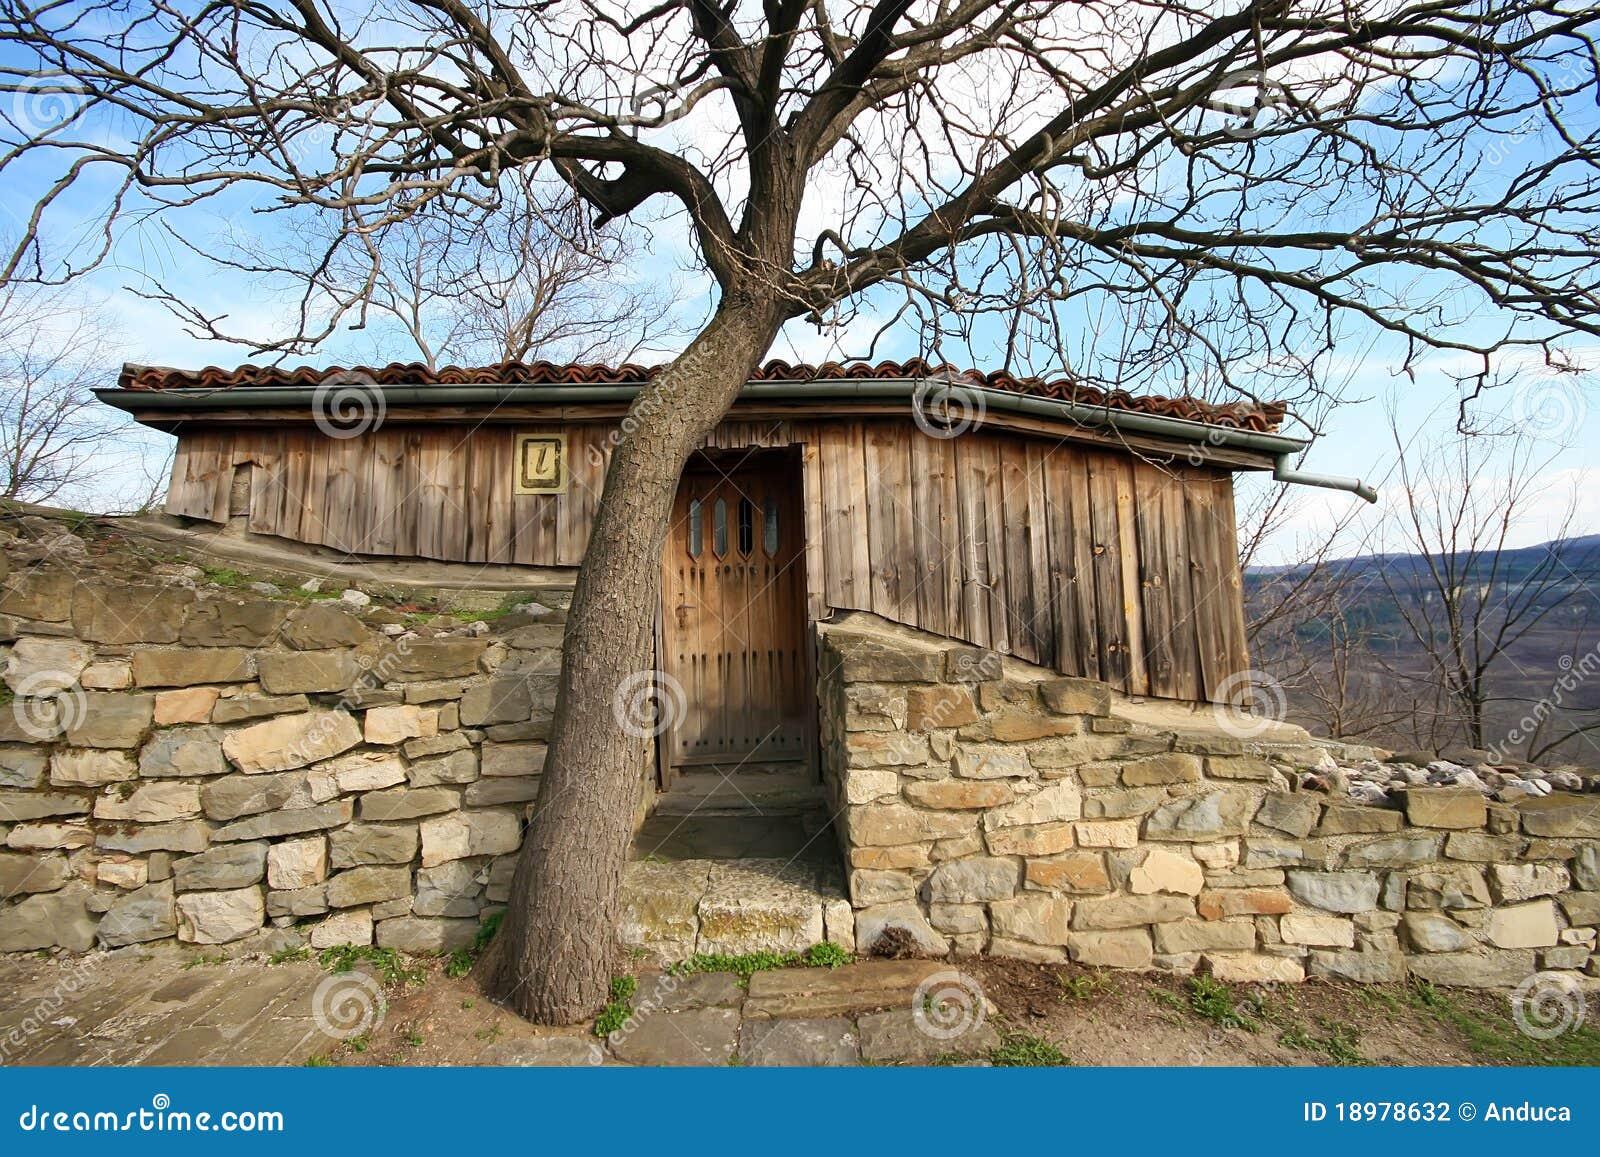 Case Di Pietra E Legno : Casa di pietra e di legno fotografia stock. immagine di corsa 18978632